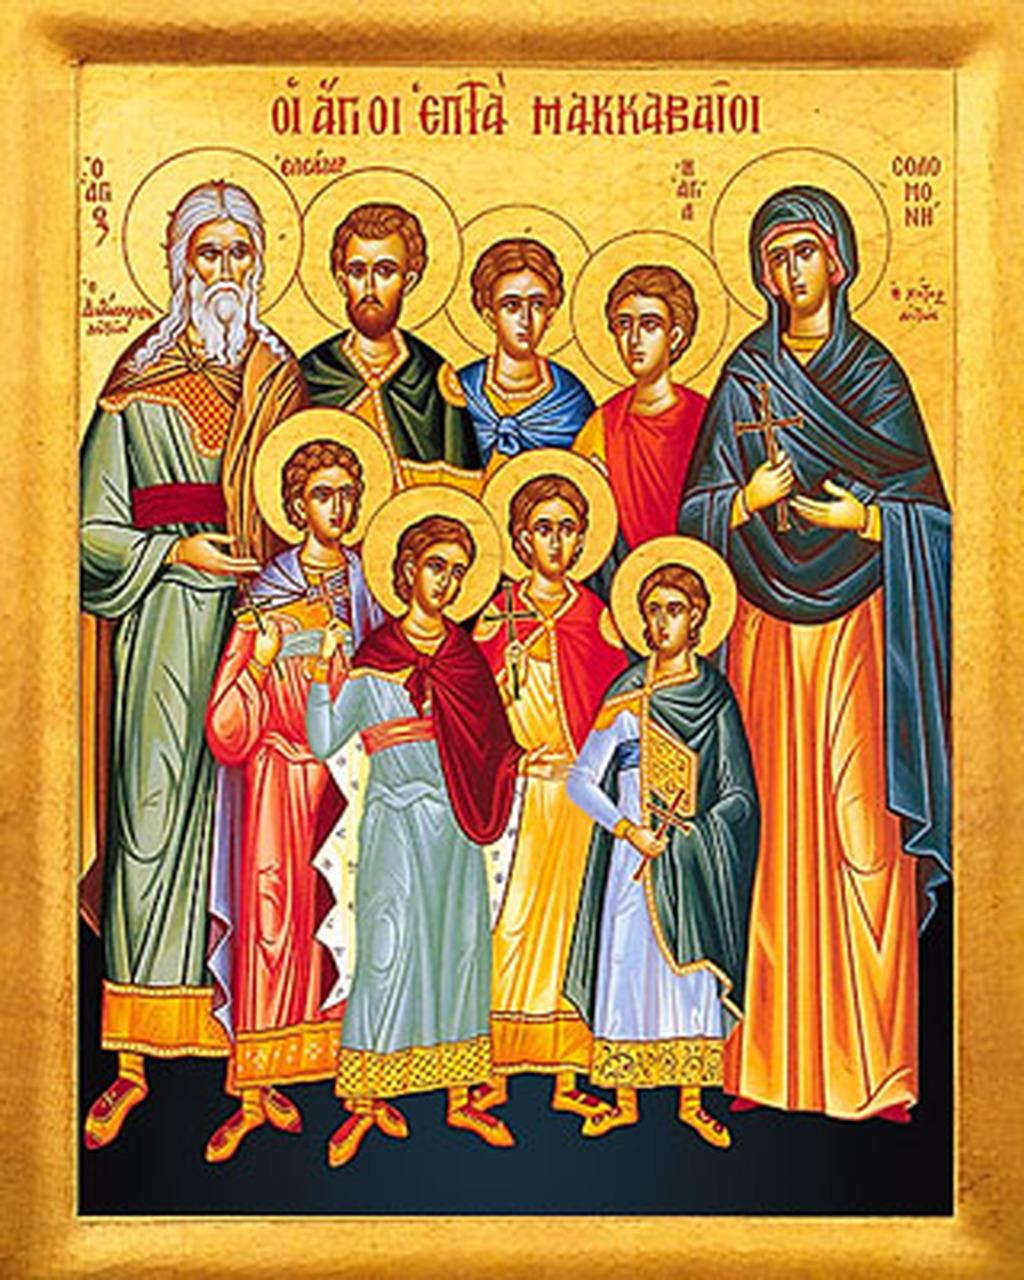 Vremea robiei eleniste si a Sfintilor Macabei – semn puternic dat noua, celor de pe urma